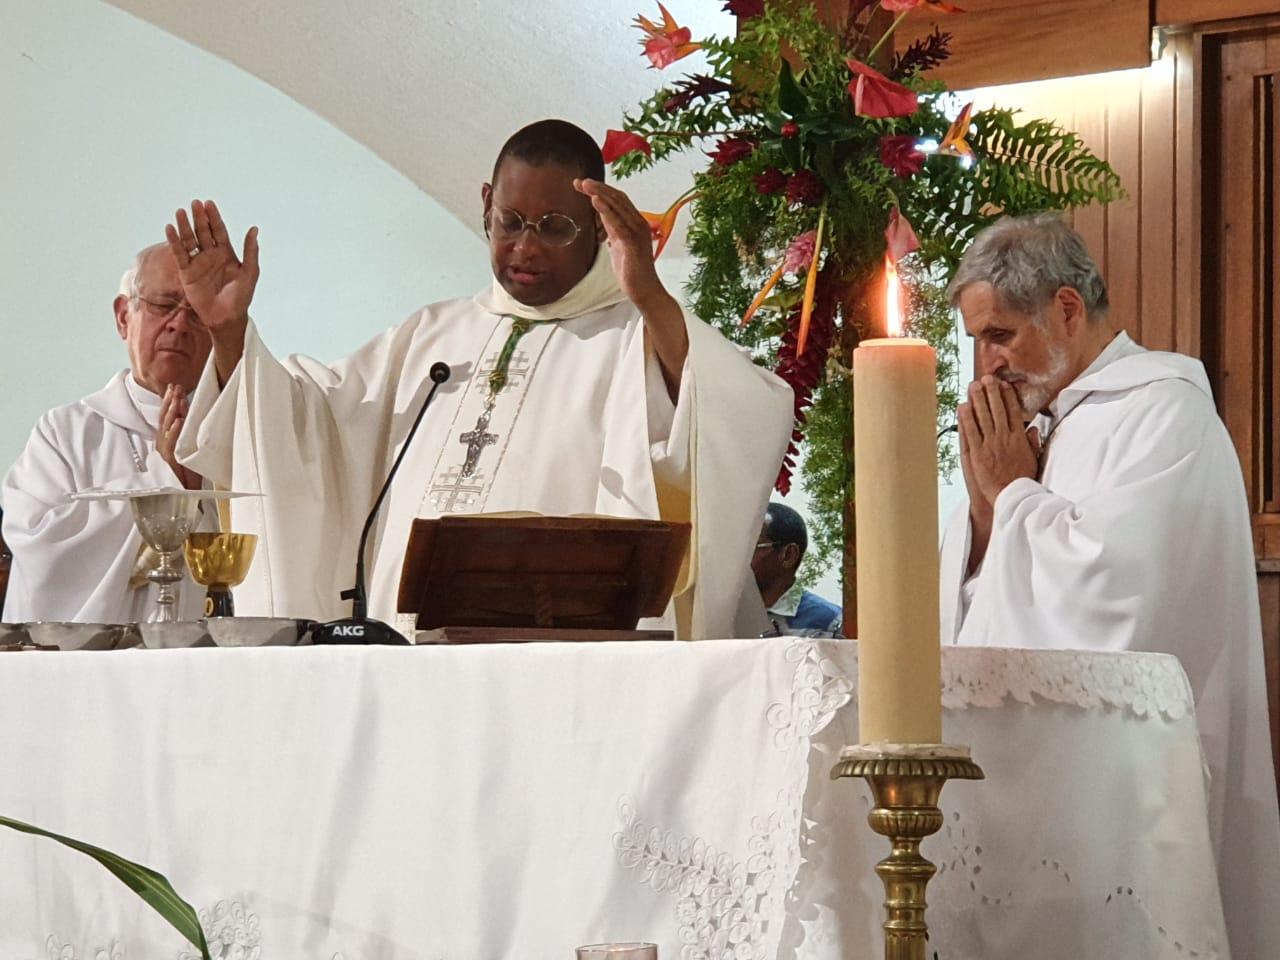 Les ecclésiastiques des Antilles-Guyane réunis en Guadeloupe